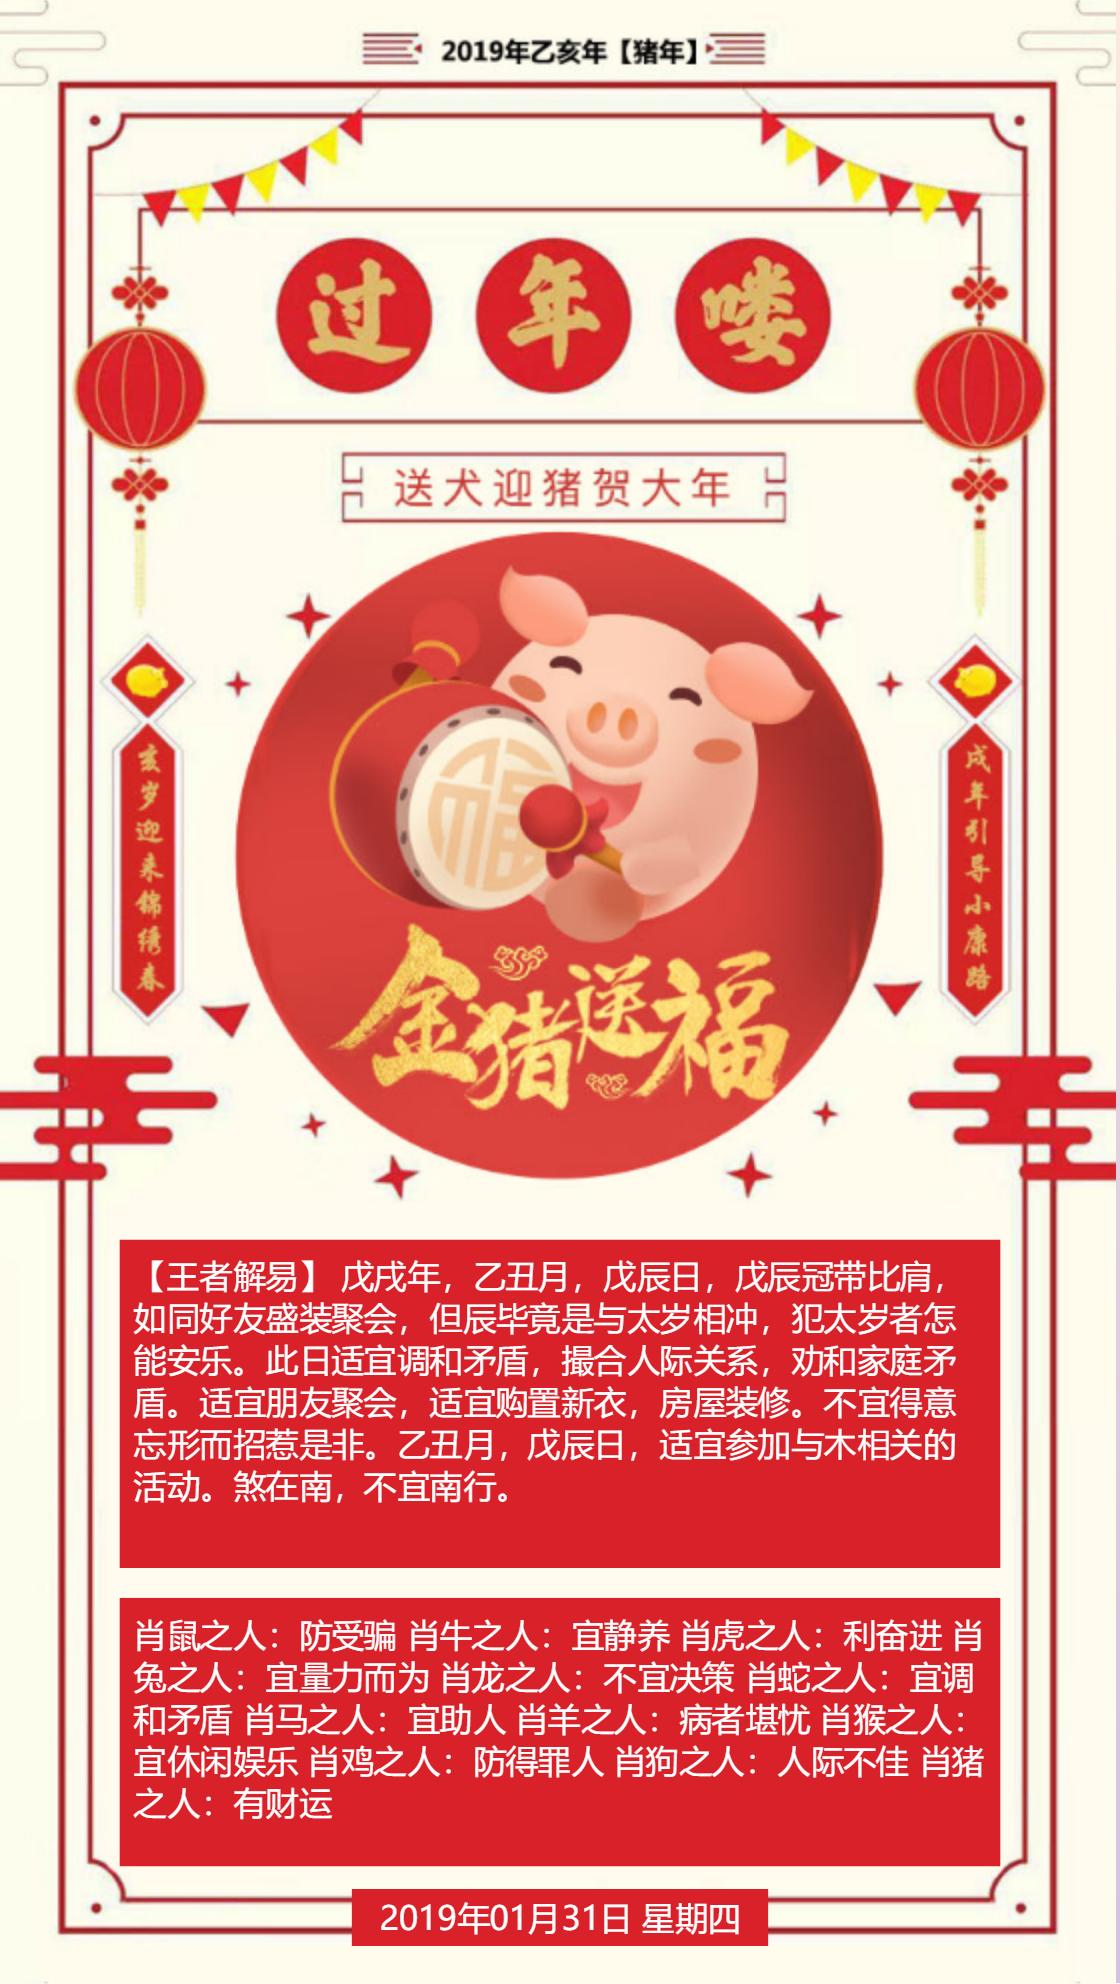 黄历海报20190131.png